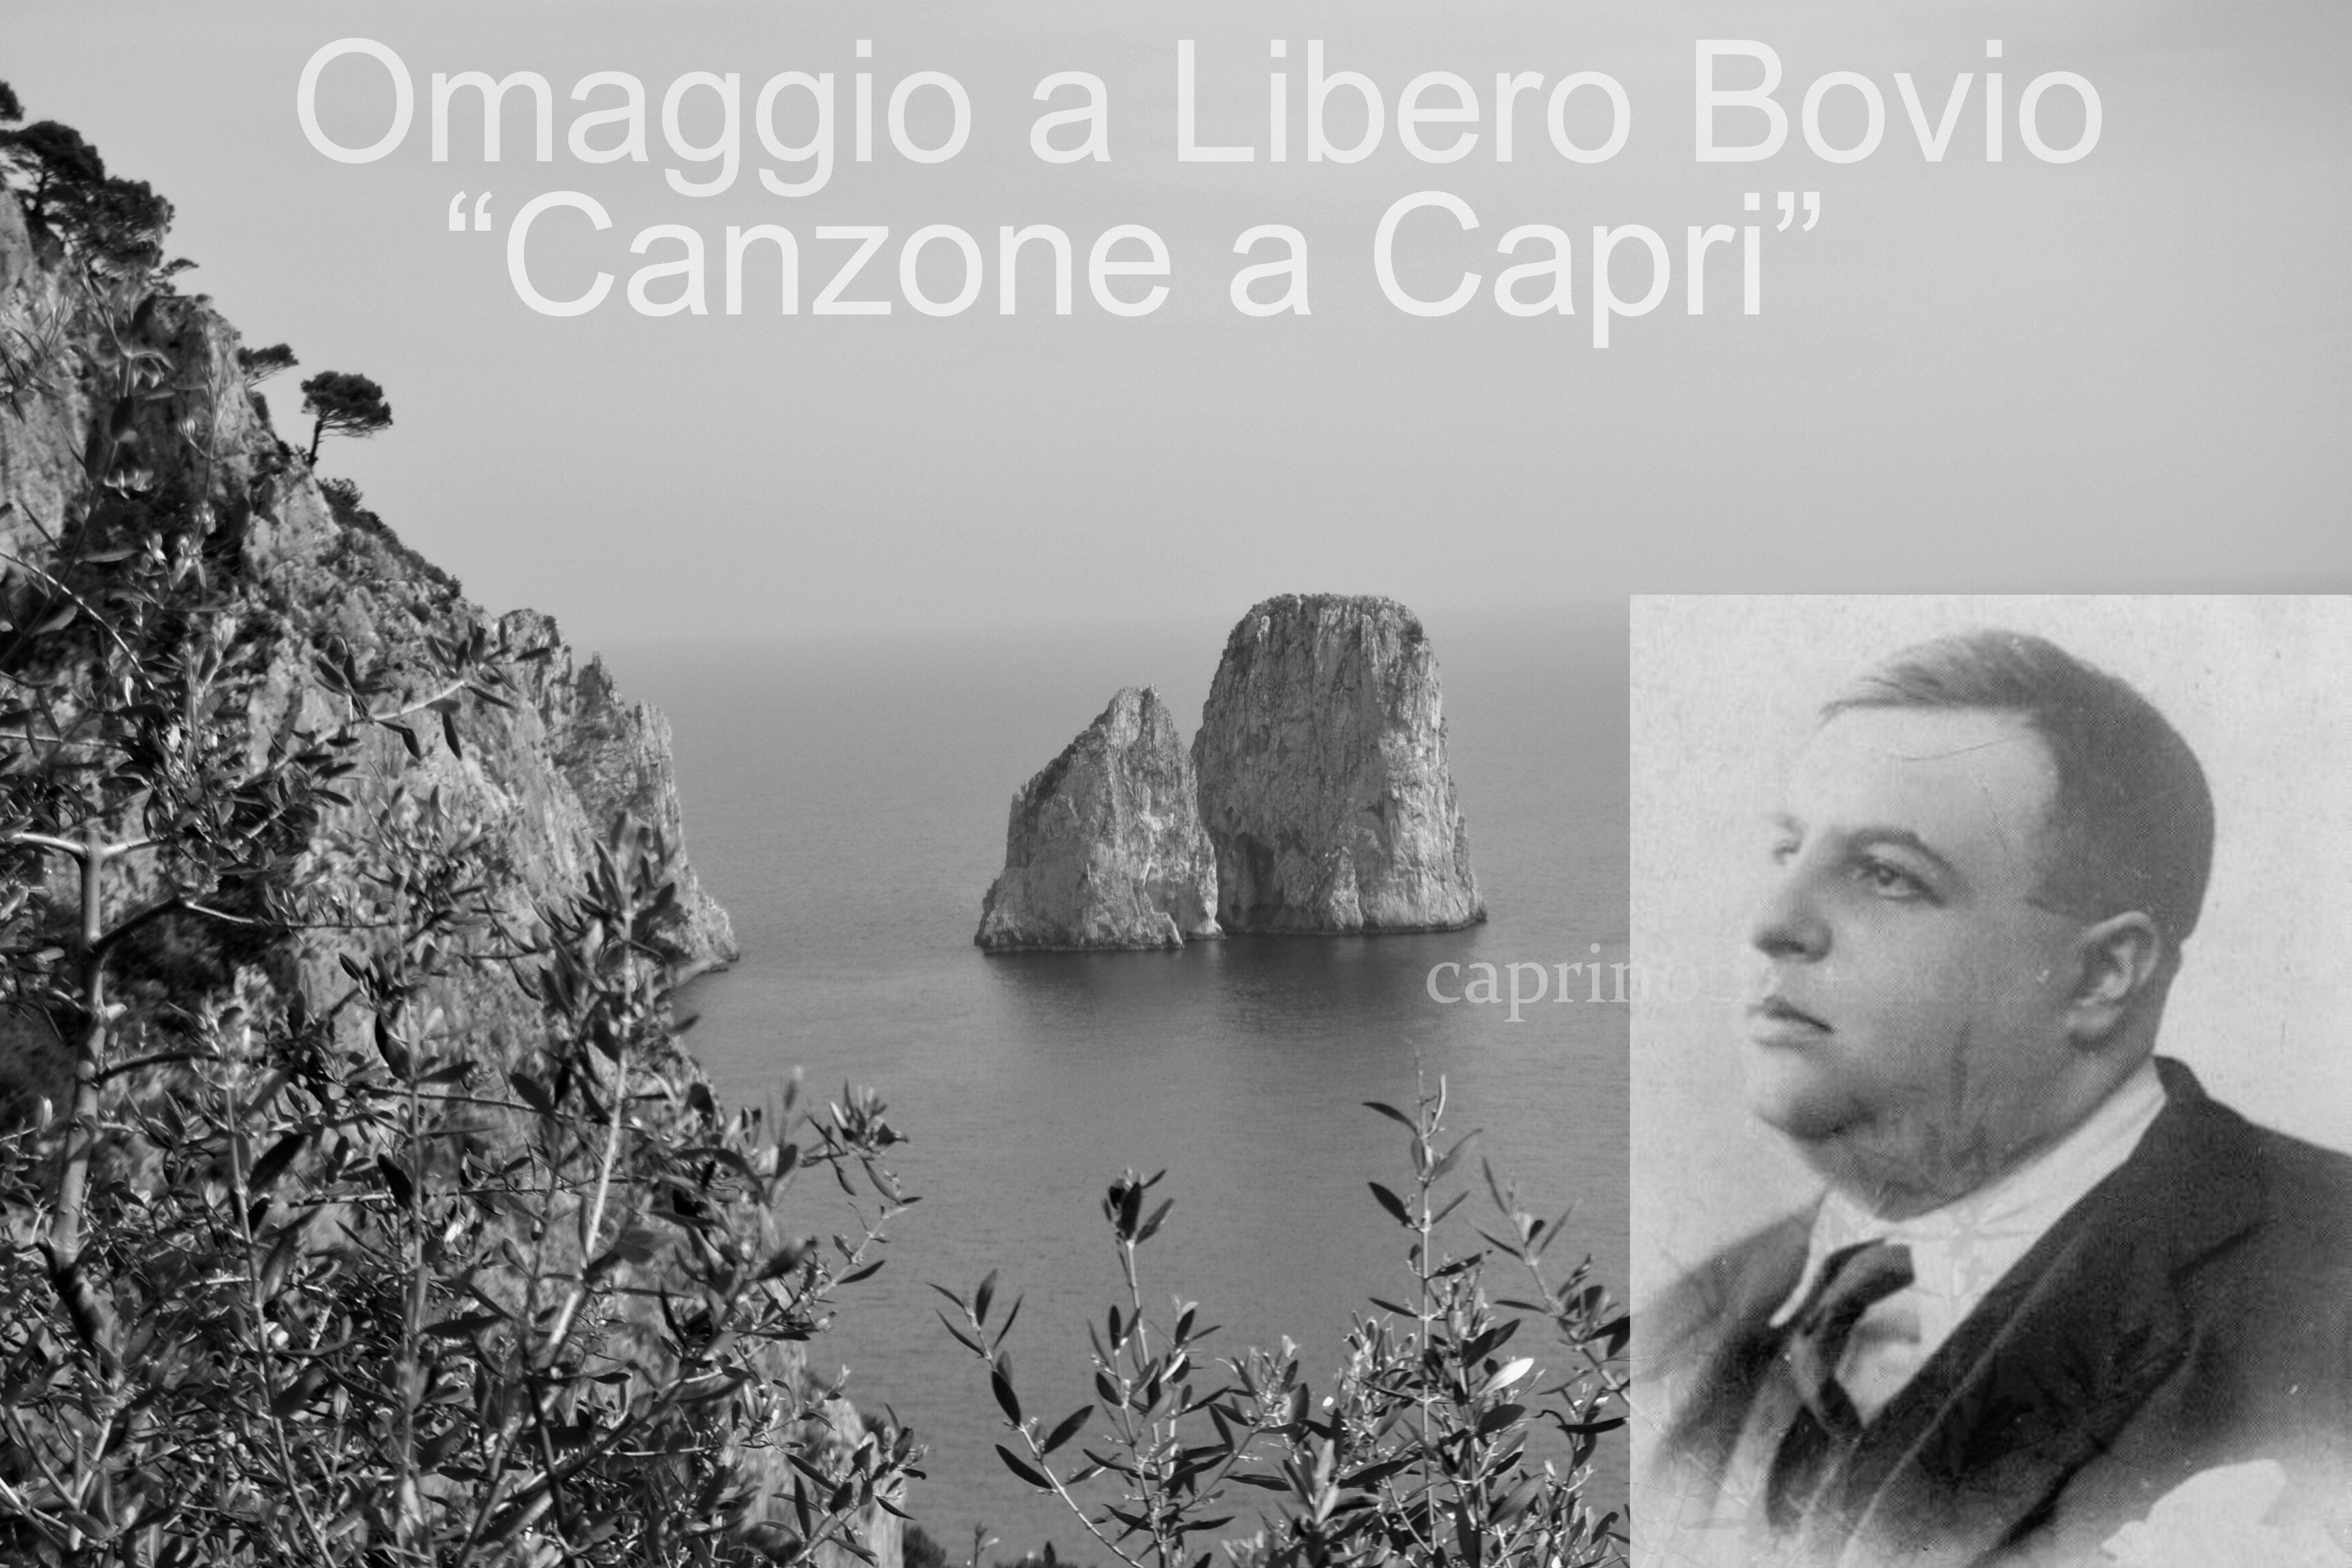 Canzone a Capri di Libero Bovio